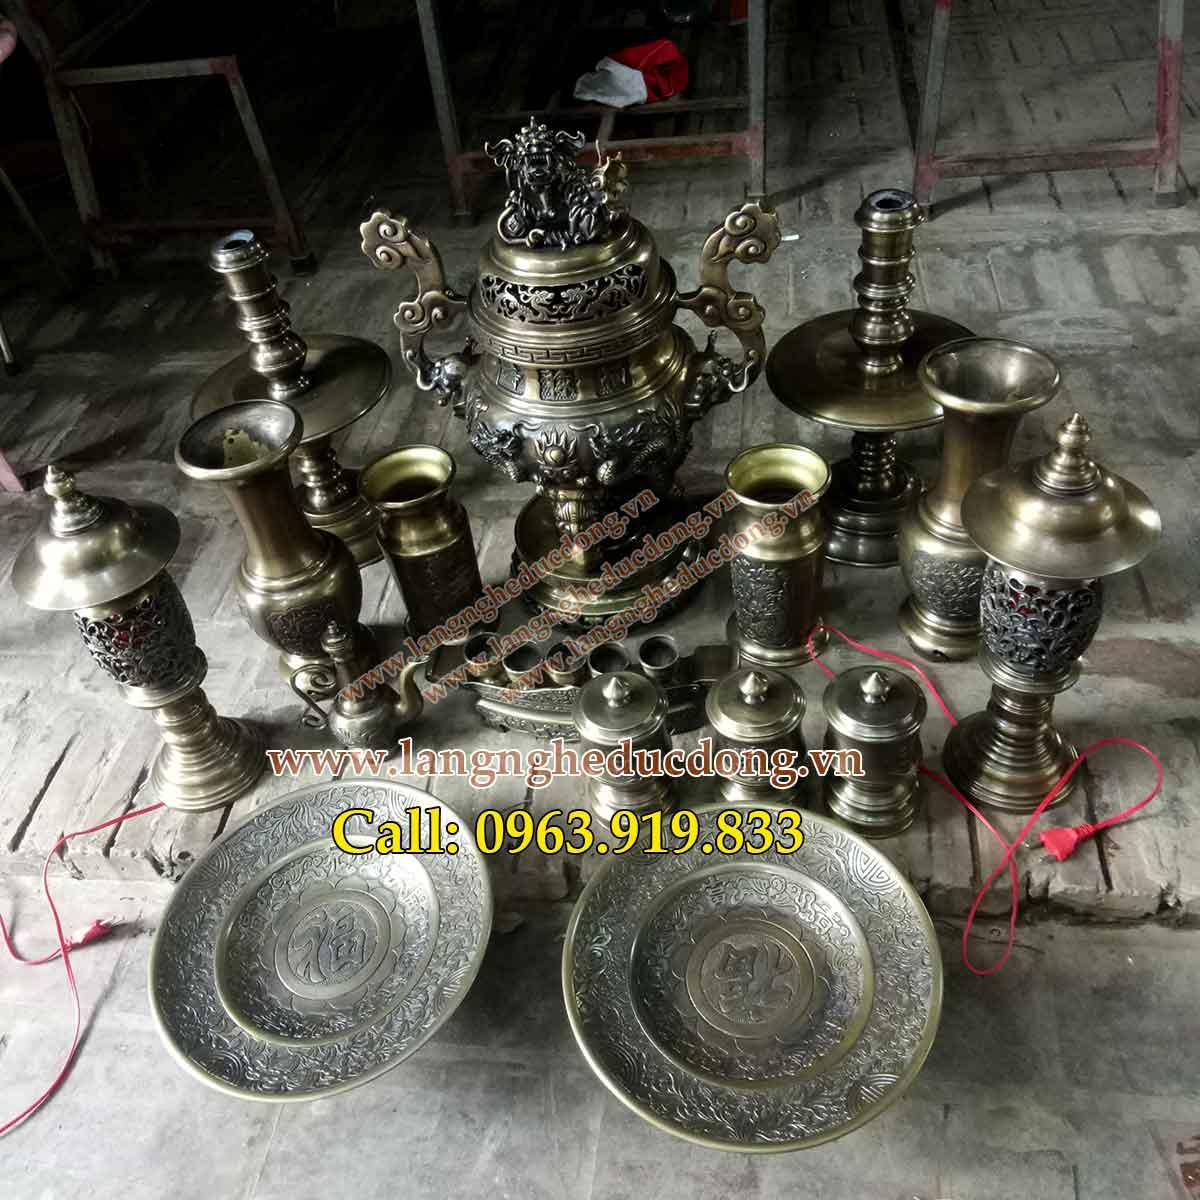 langngheducdong. vn - Bộ đồ thờ bằng đồng, đỉnh đồng lư hương, lọ hoa, mâm bồng